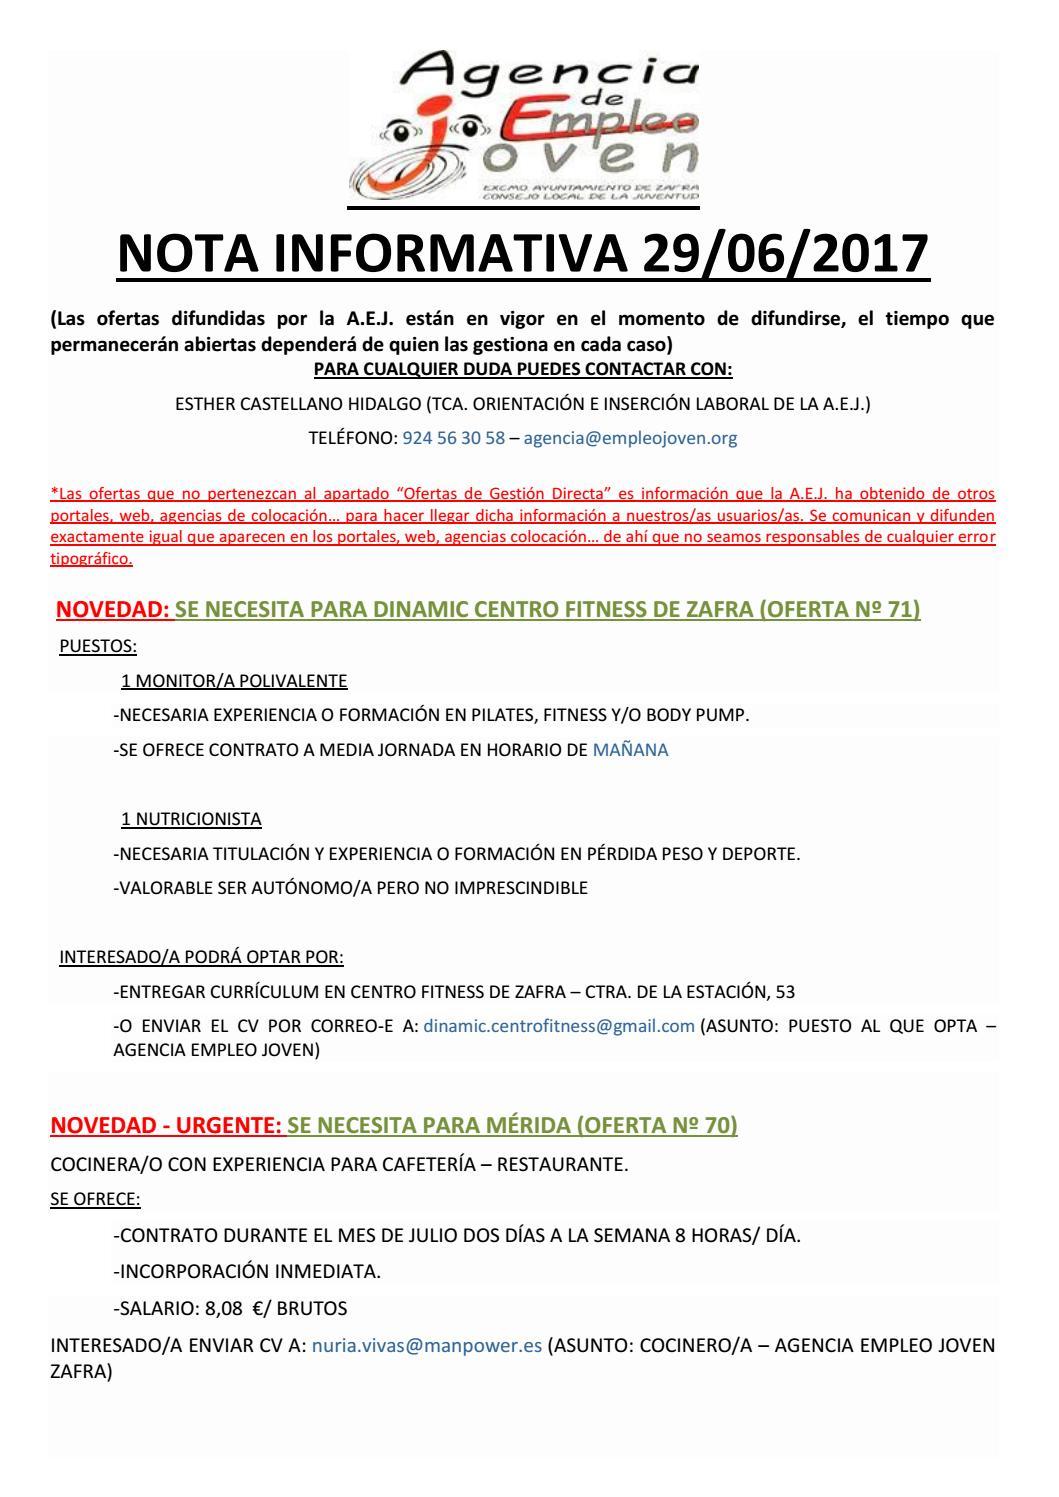 Nota informativa 29 by Segura Al Día - issuu